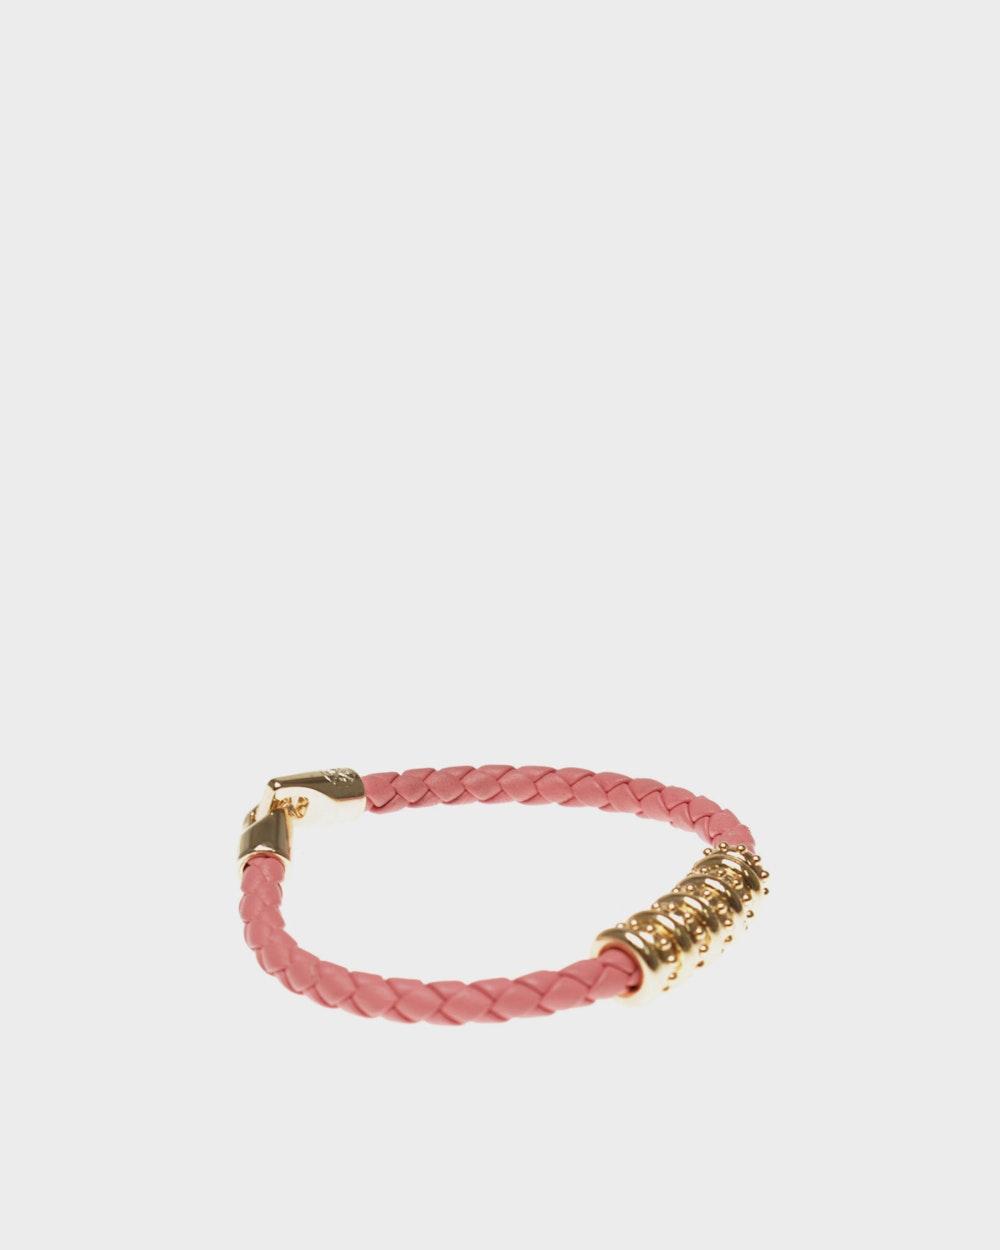 Bracelet Pink Saddler